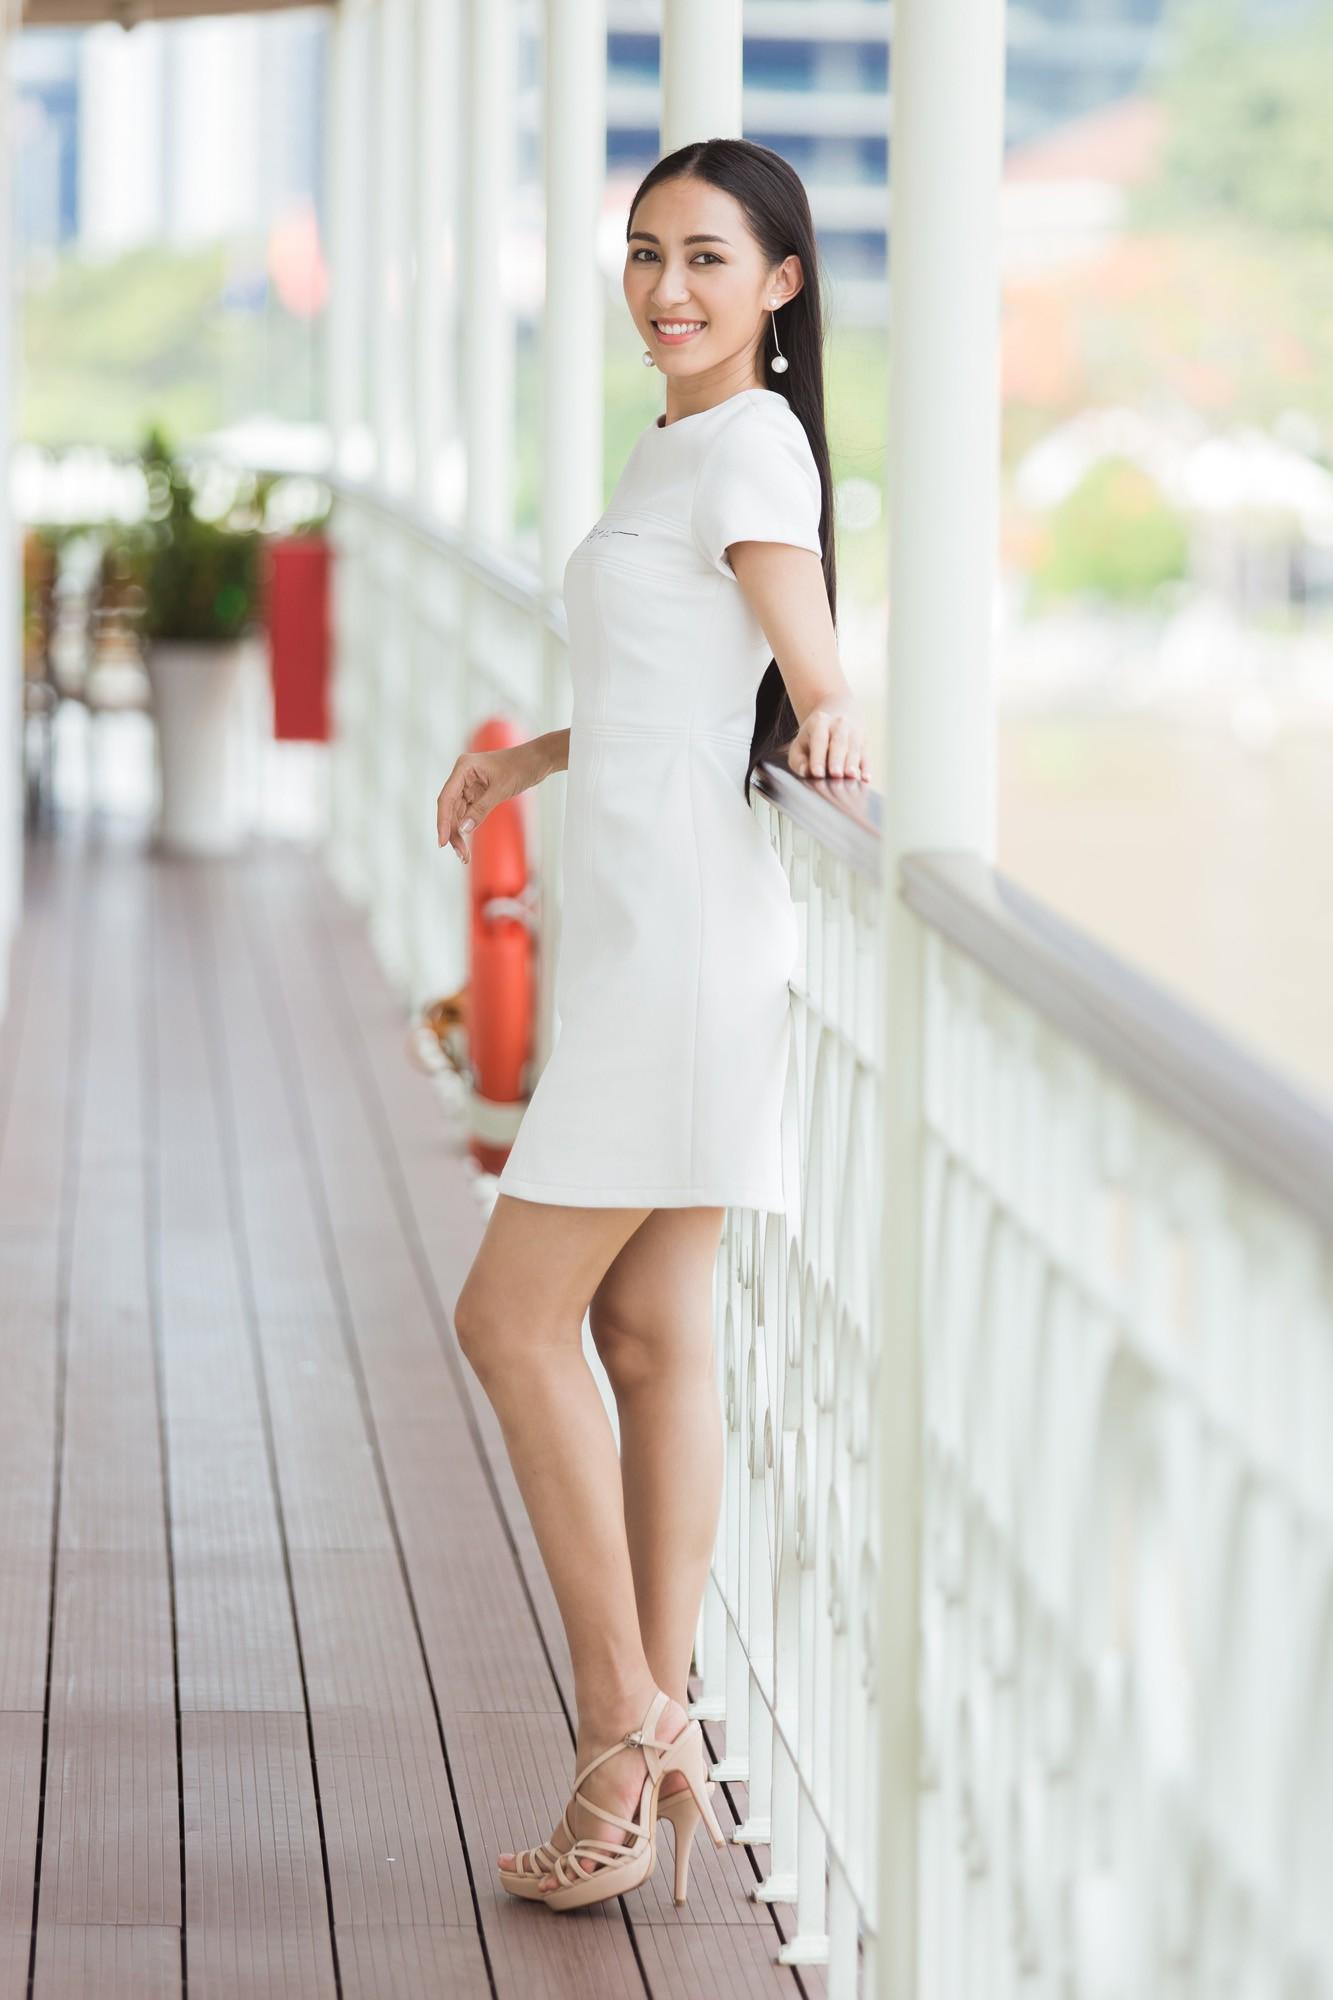 Từ cô Hoa hậu bị hoài nghi, Tiểu Vy hôm nay đứng trước Top thí sinh Miss World đầy bản lĩnh và thần thái - Ảnh 16.